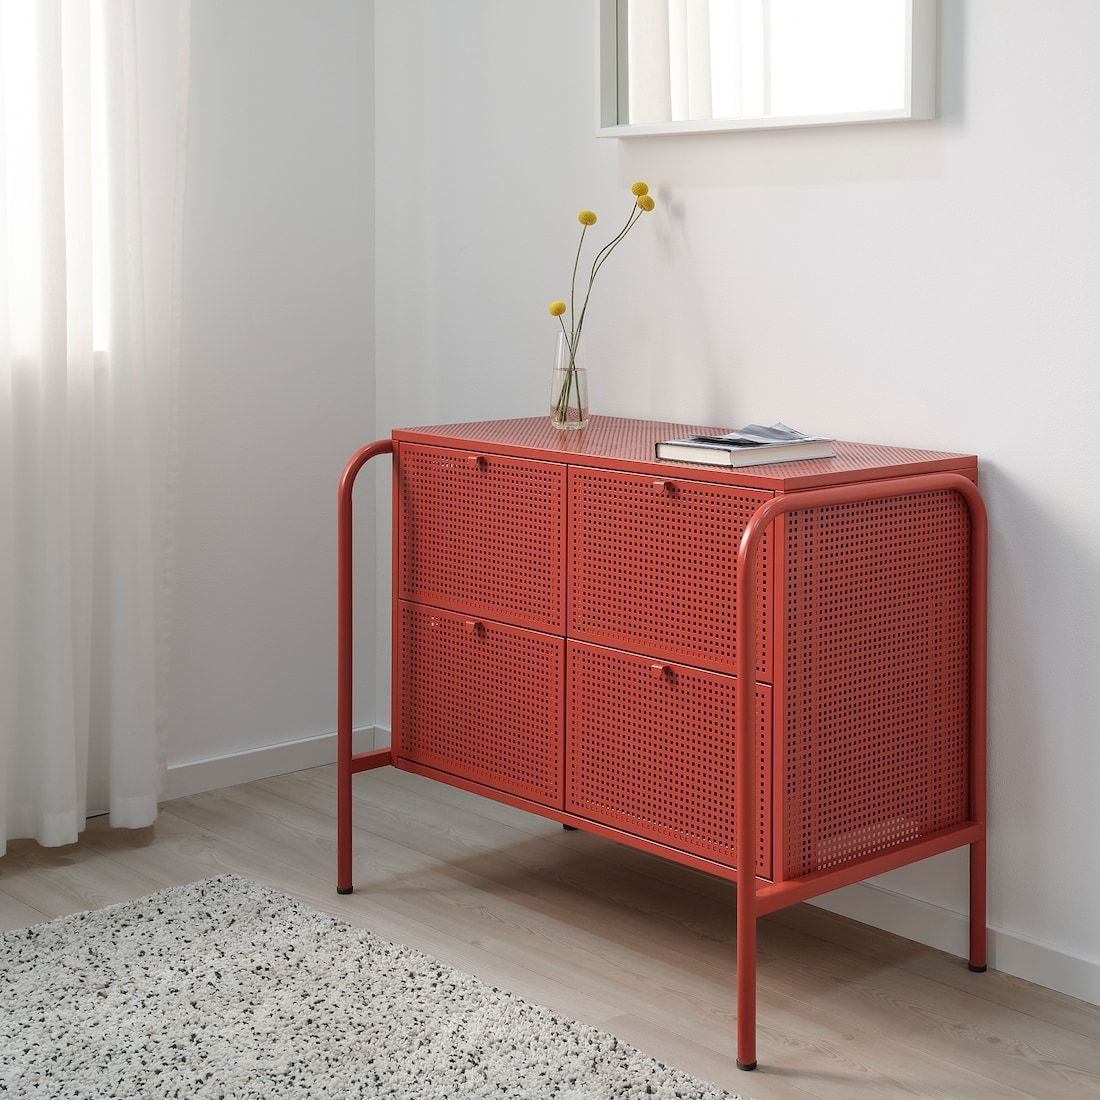 Einrichtungsgegenstande Ikea Mobel Und Ikea Us Furniture And